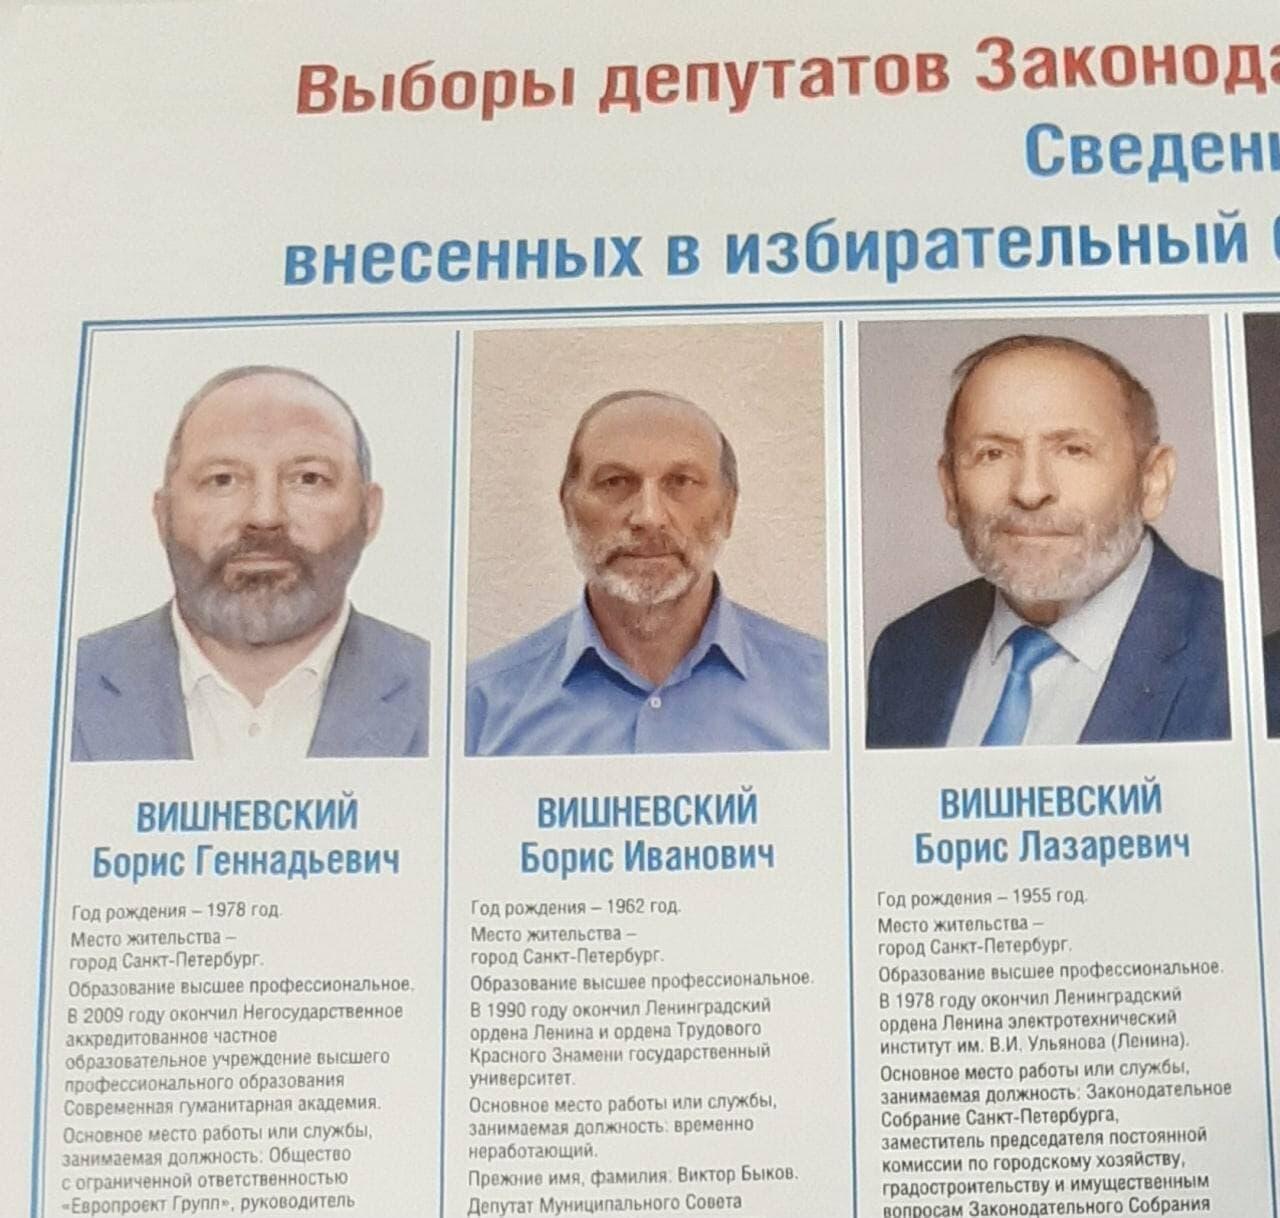 Vishnevsky doubles